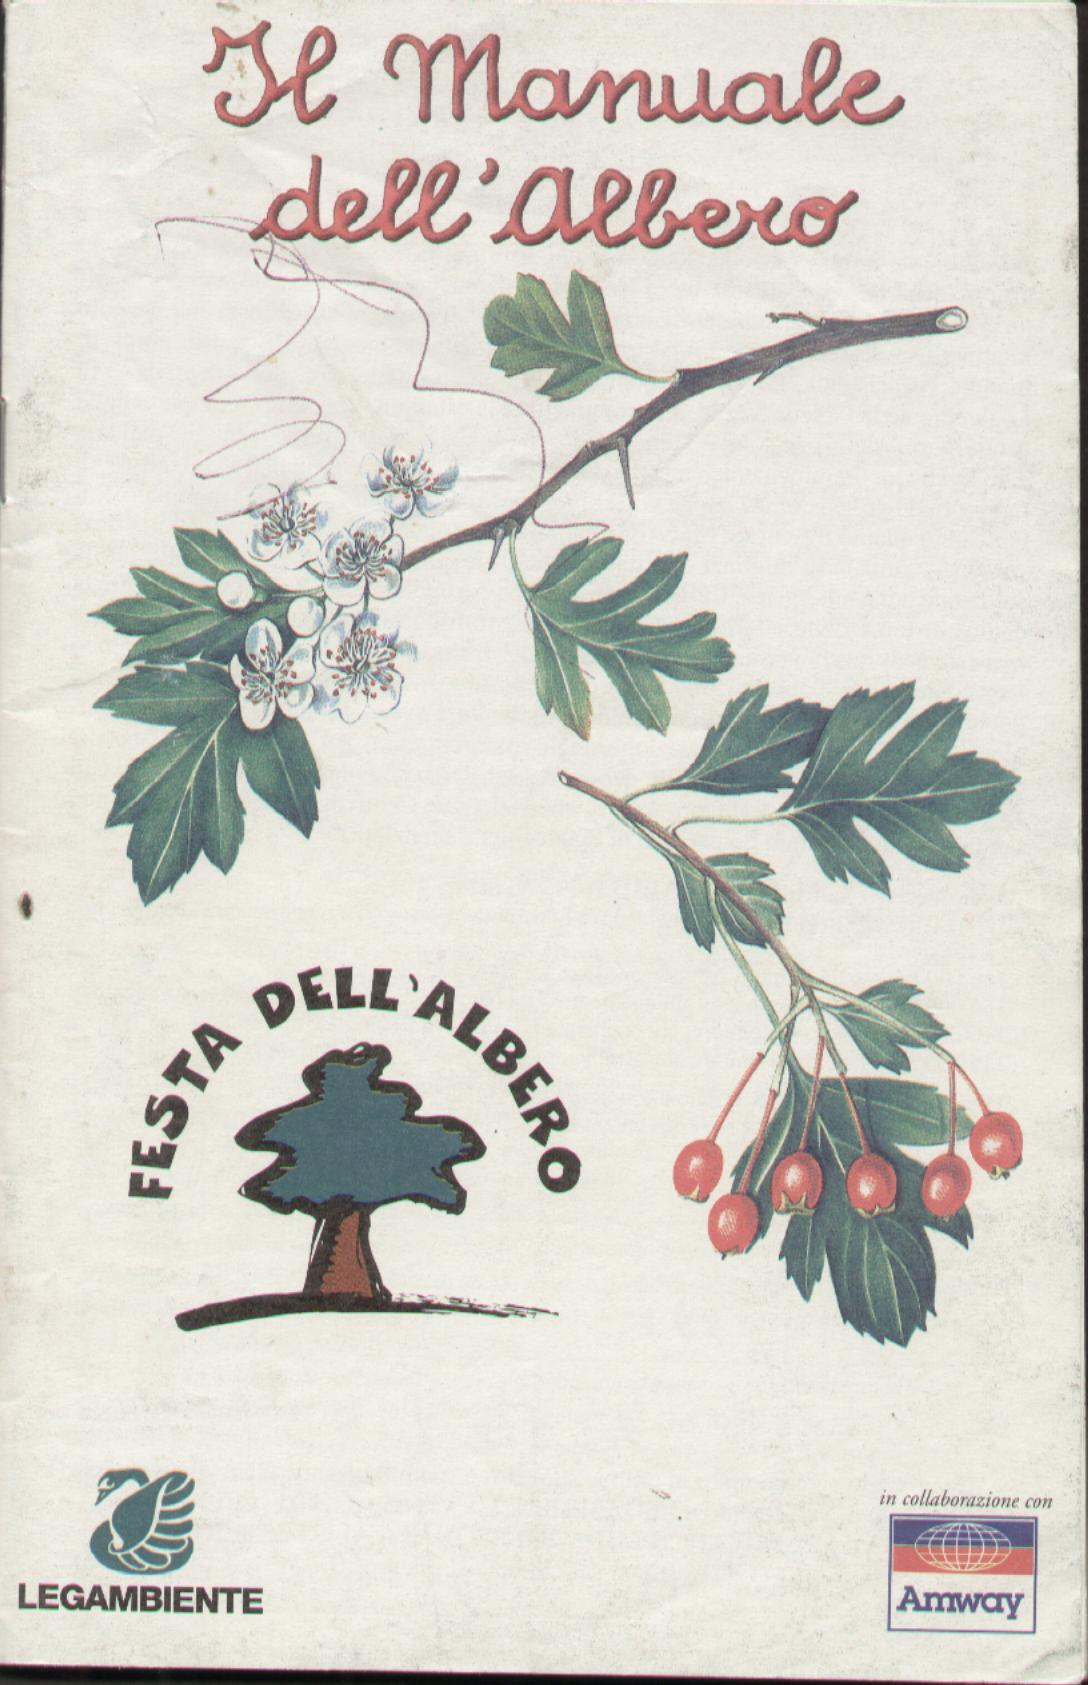 Il manuale dell'albero